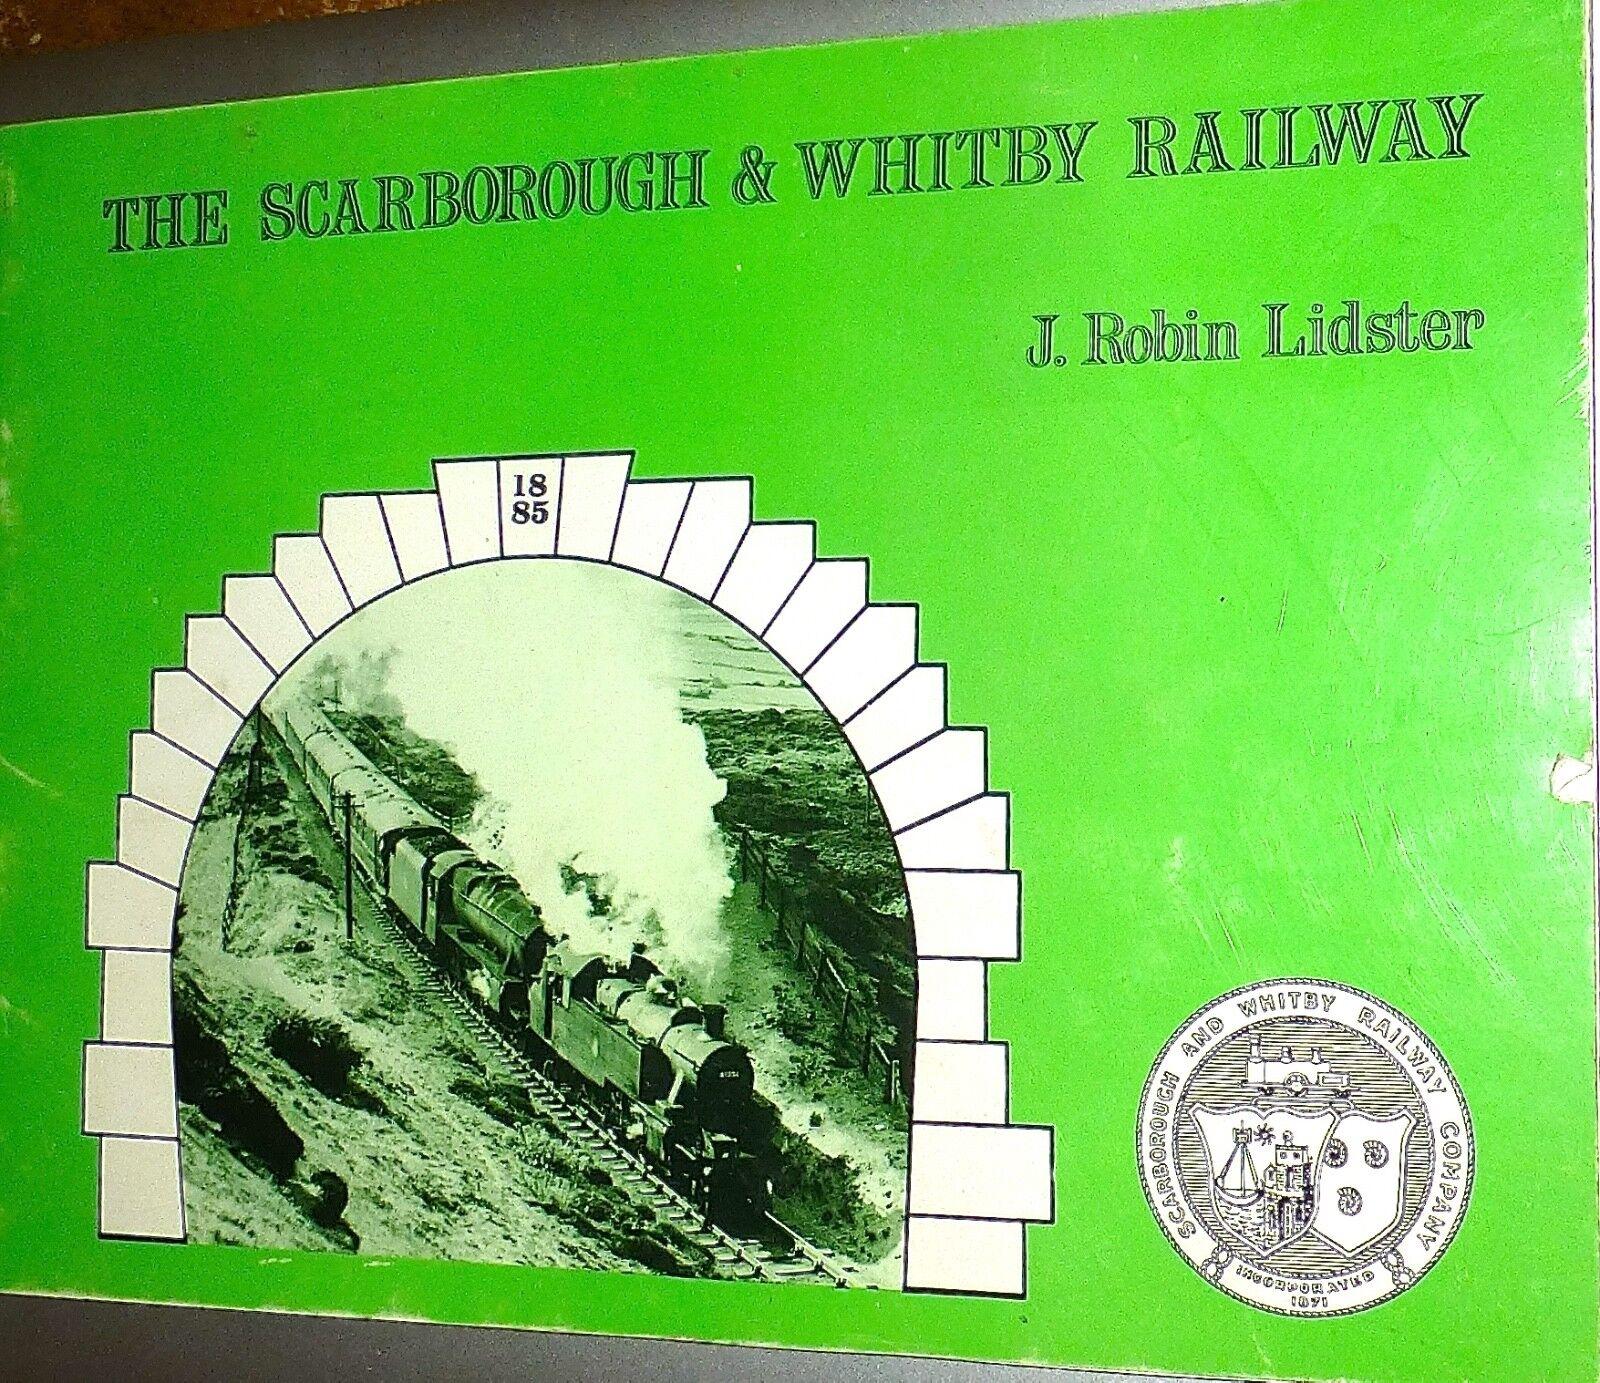 The scarbgoldugh whitby railway j. robin lidster HJ3 å